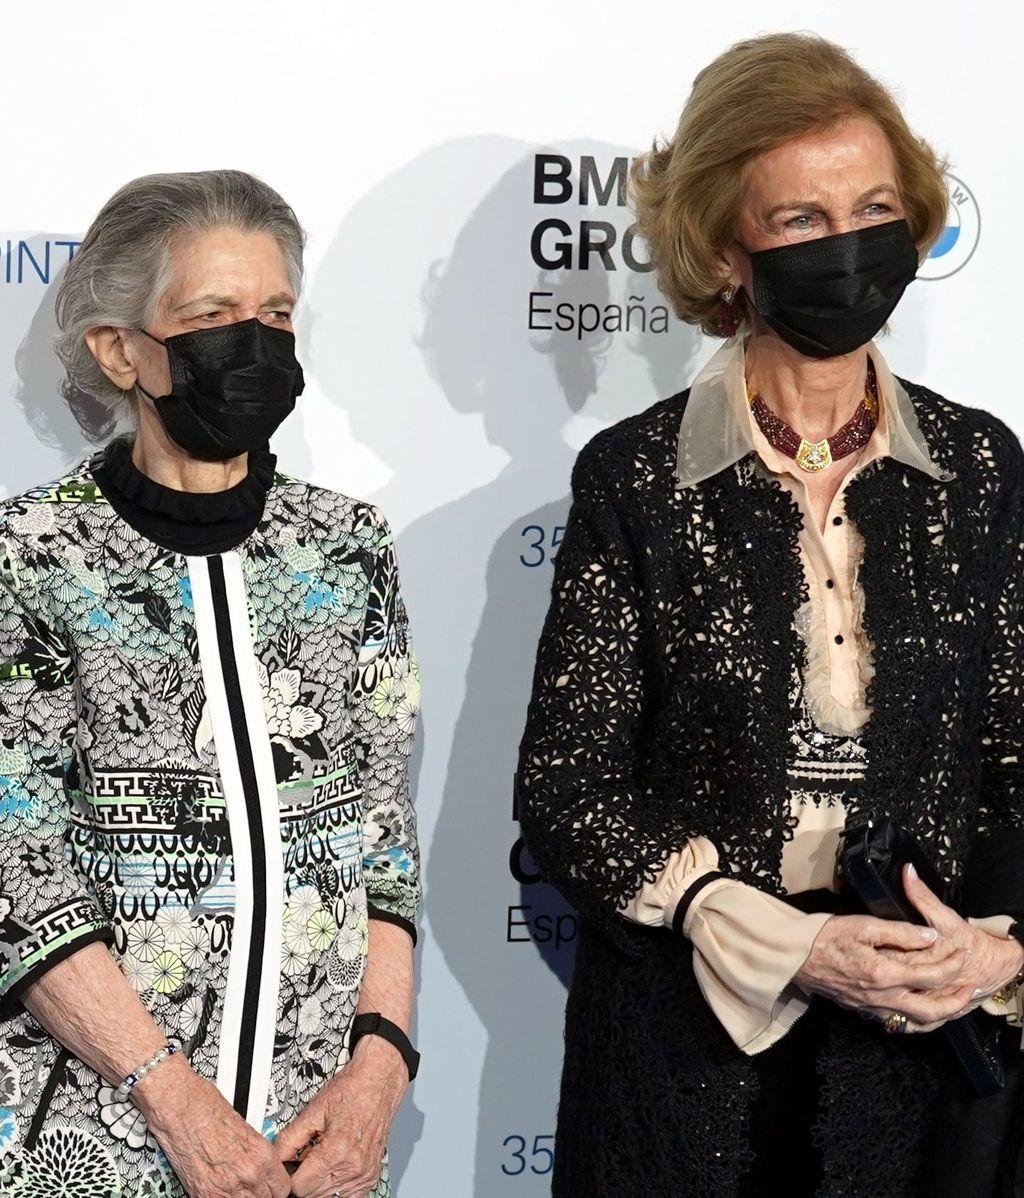 Irene de Grecia acompaña a la emérita a los premios BMW de pintura